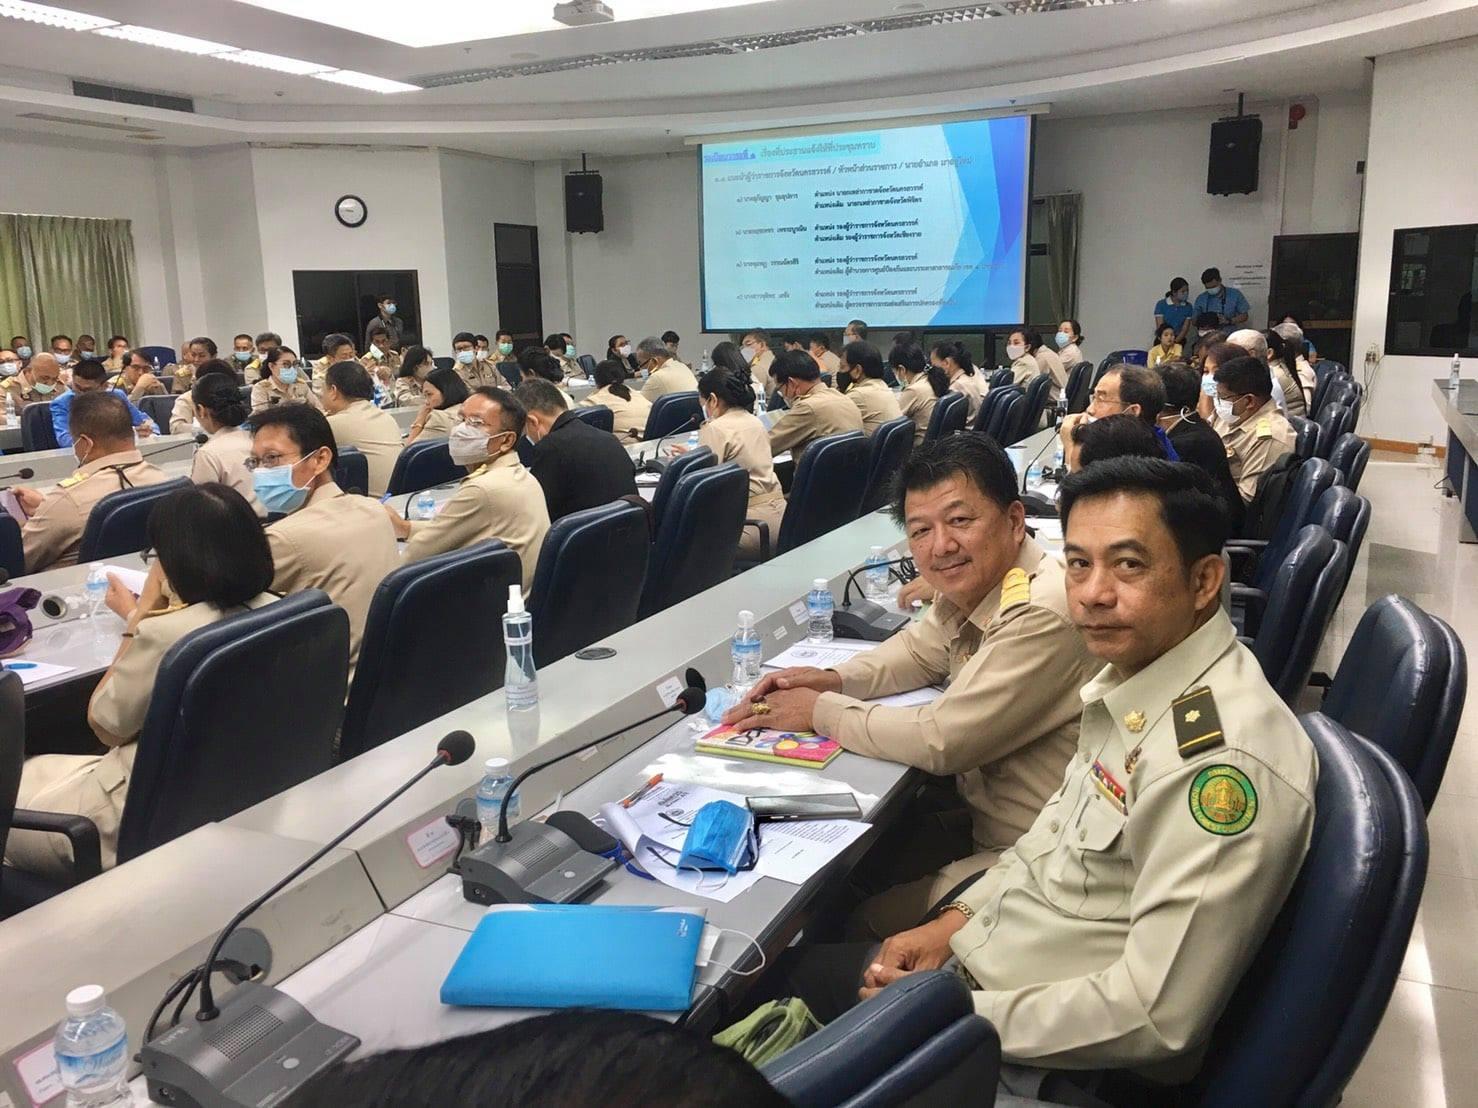 ร่วมประชุมคณะกรมการจังหวัด หัวหน้าส่วนราชการและหัวหน้าหน่วยงานจังหวัดนครสวรรค์ ครั้งที่ 11/2563